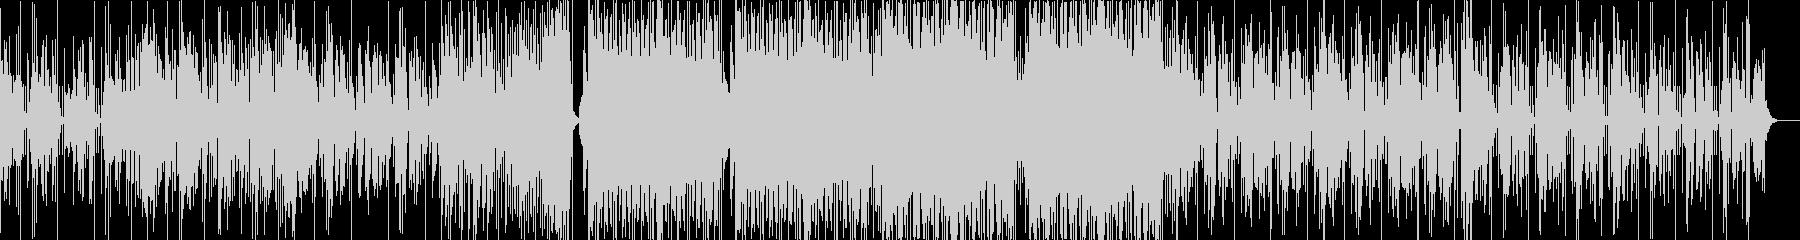 低音が響くJuke、シカゴフットワークの未再生の波形